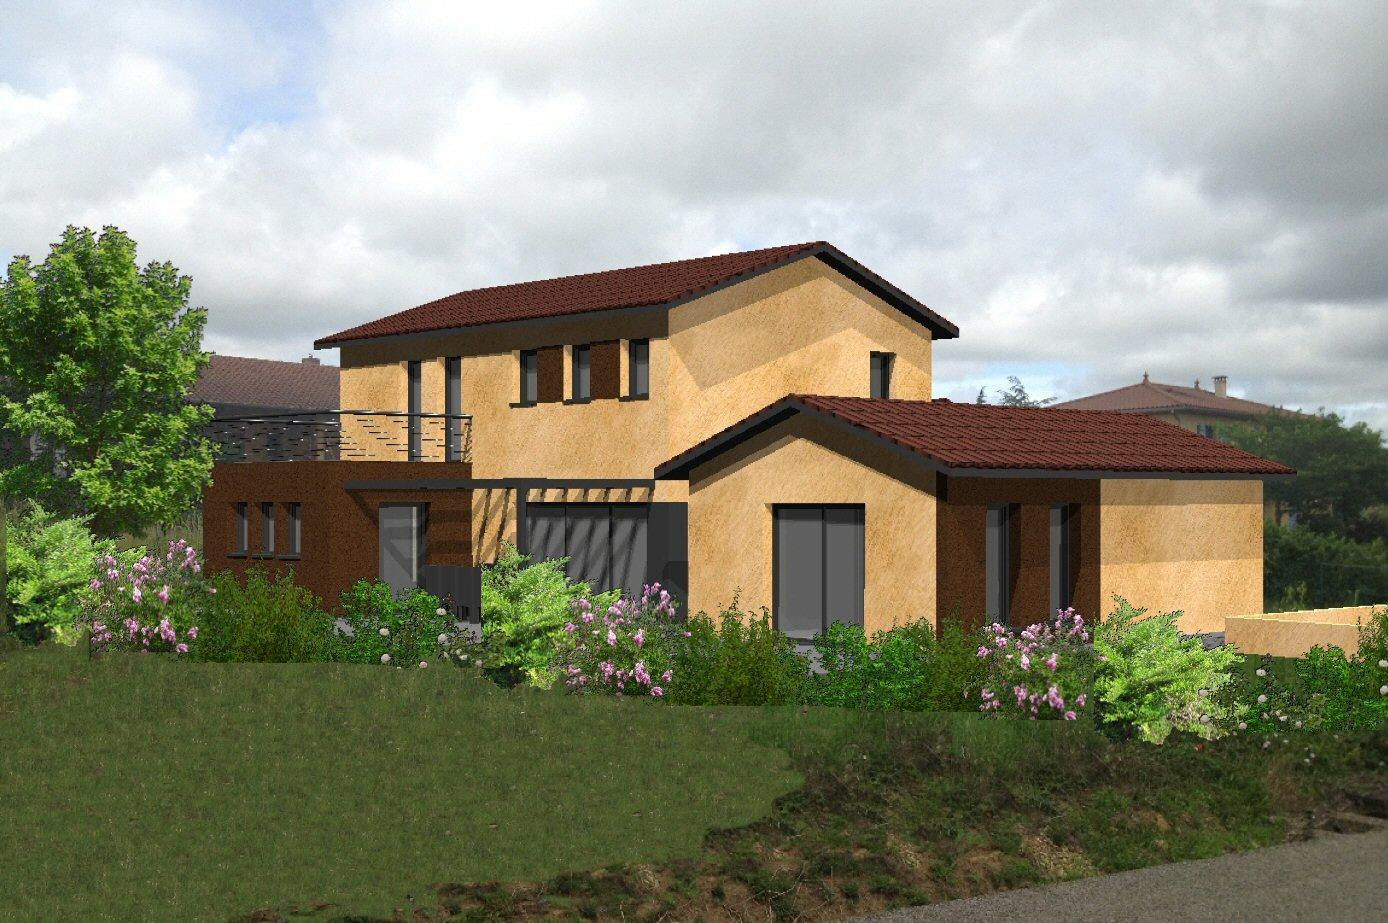 Maison semi contemporaine projet soumis aux abf bureau d for Constructeur maison contemporaine lyon